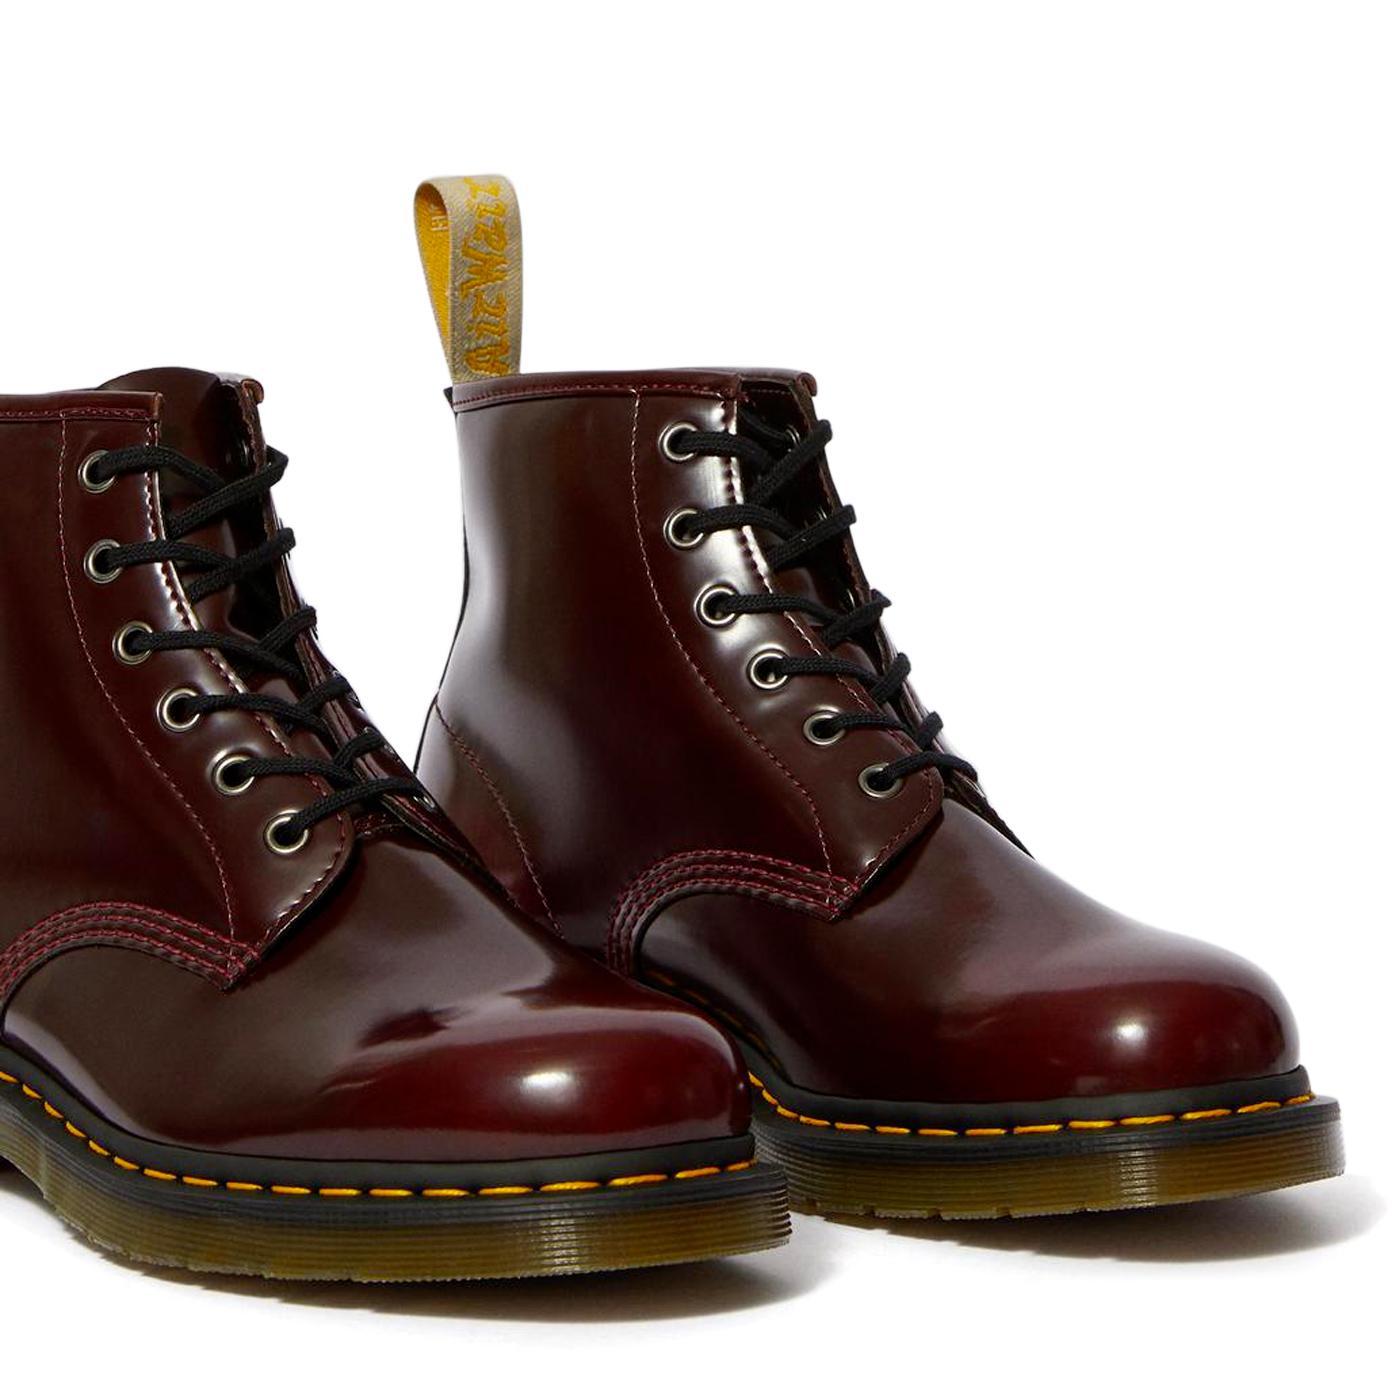 DR MARTENS Vegan 101 Men's Cherry Red Boots